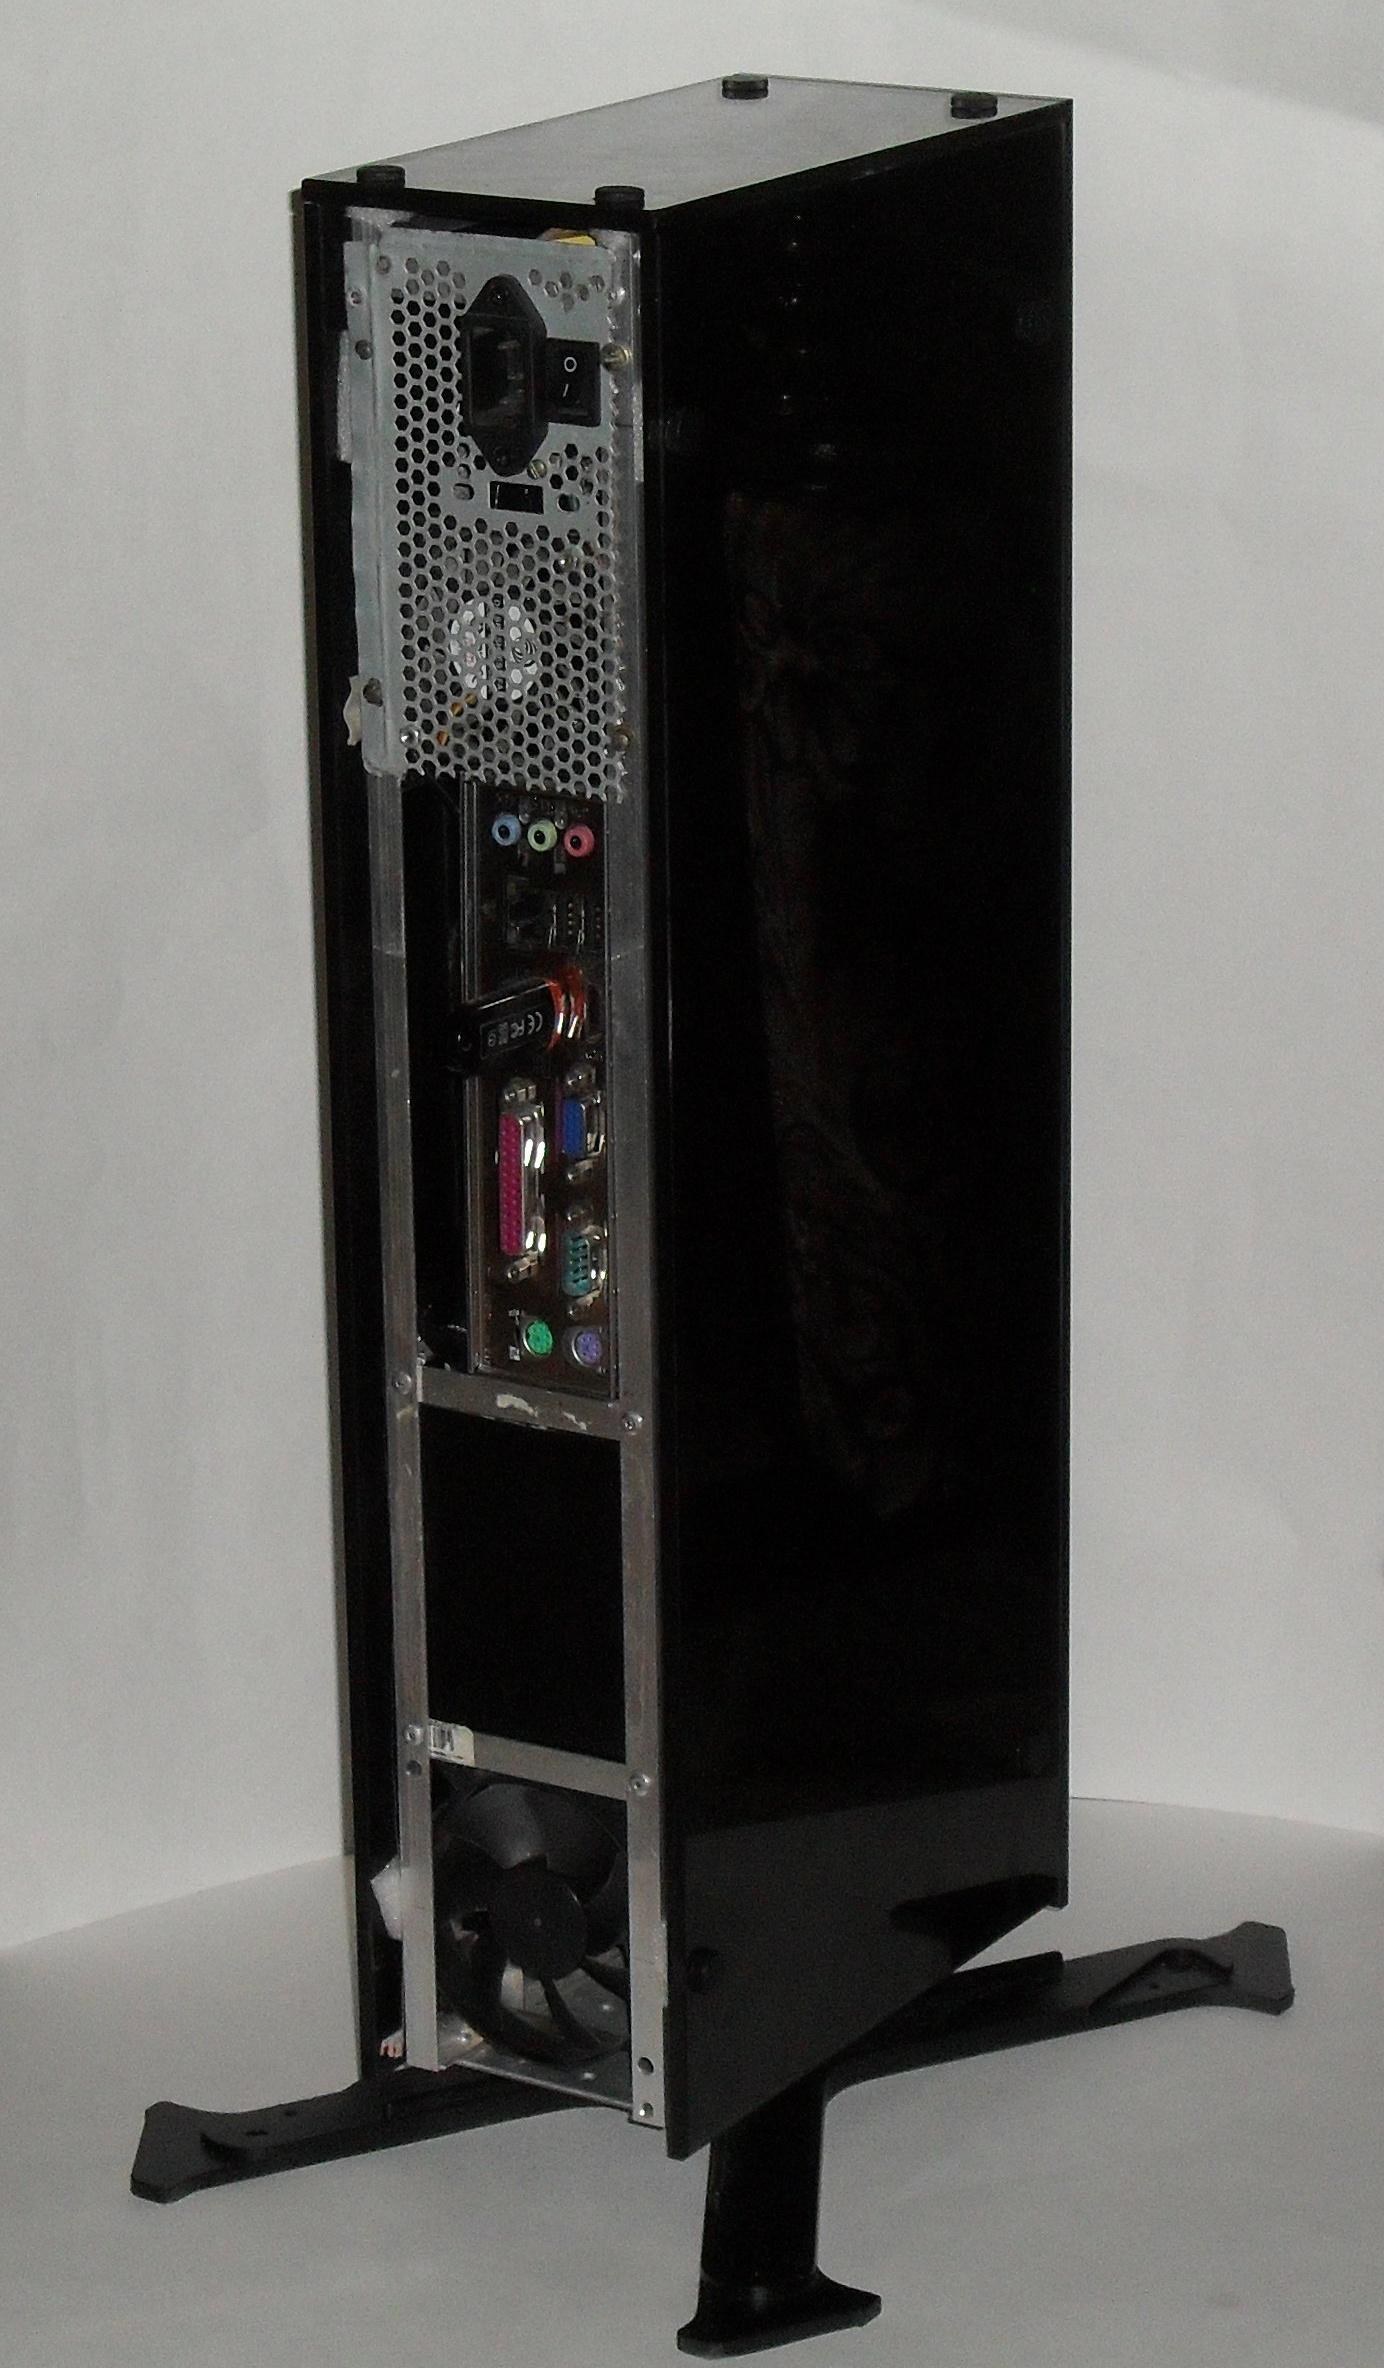 Еще один сервер из подручных средств с претензией на красоту - 40